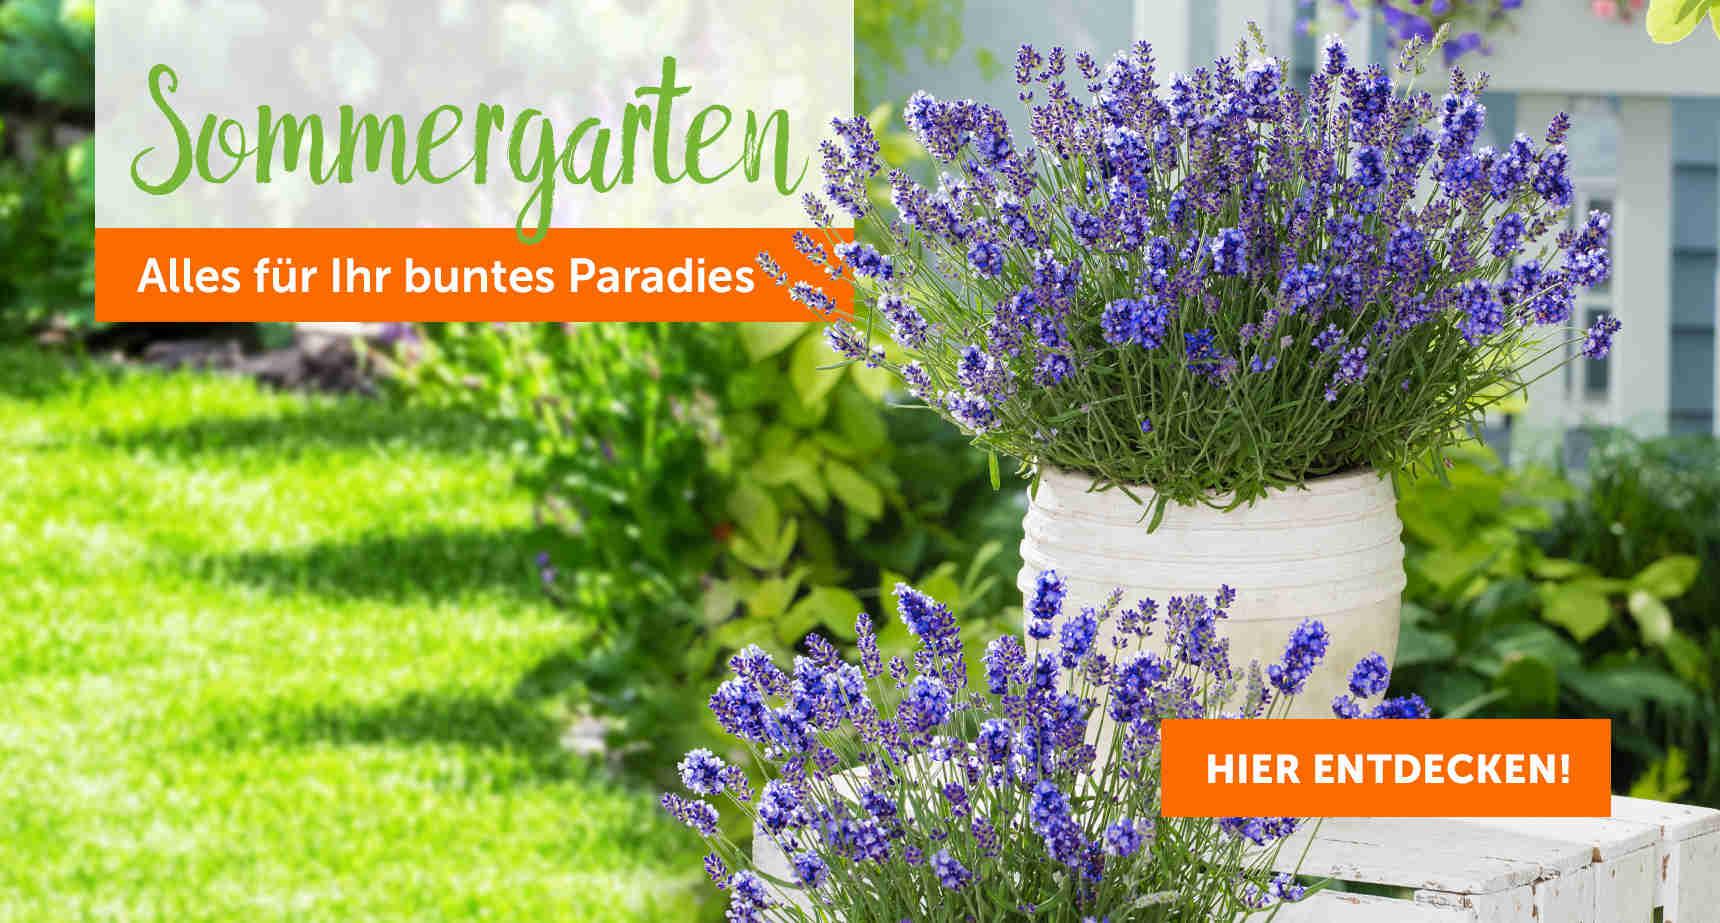 +++ (3) Sommergarten +++ - 3